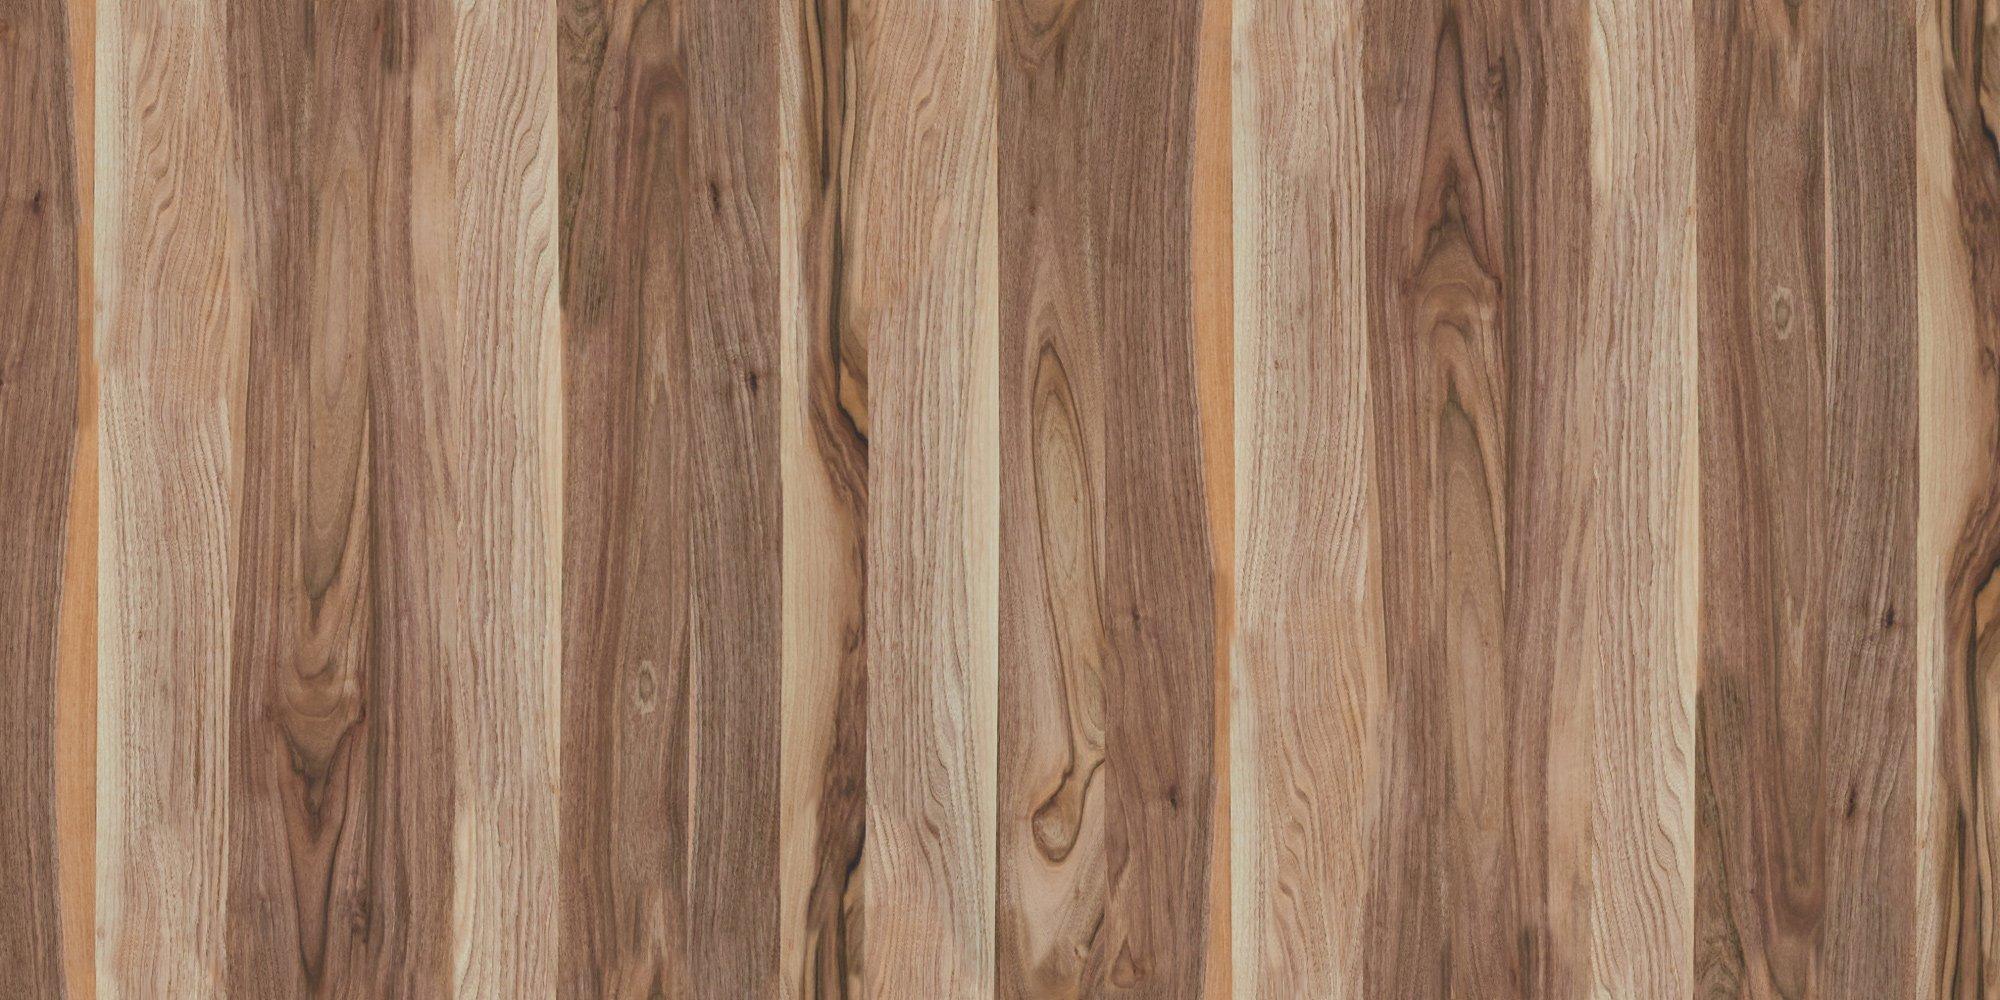 Veneered Plywood Panels